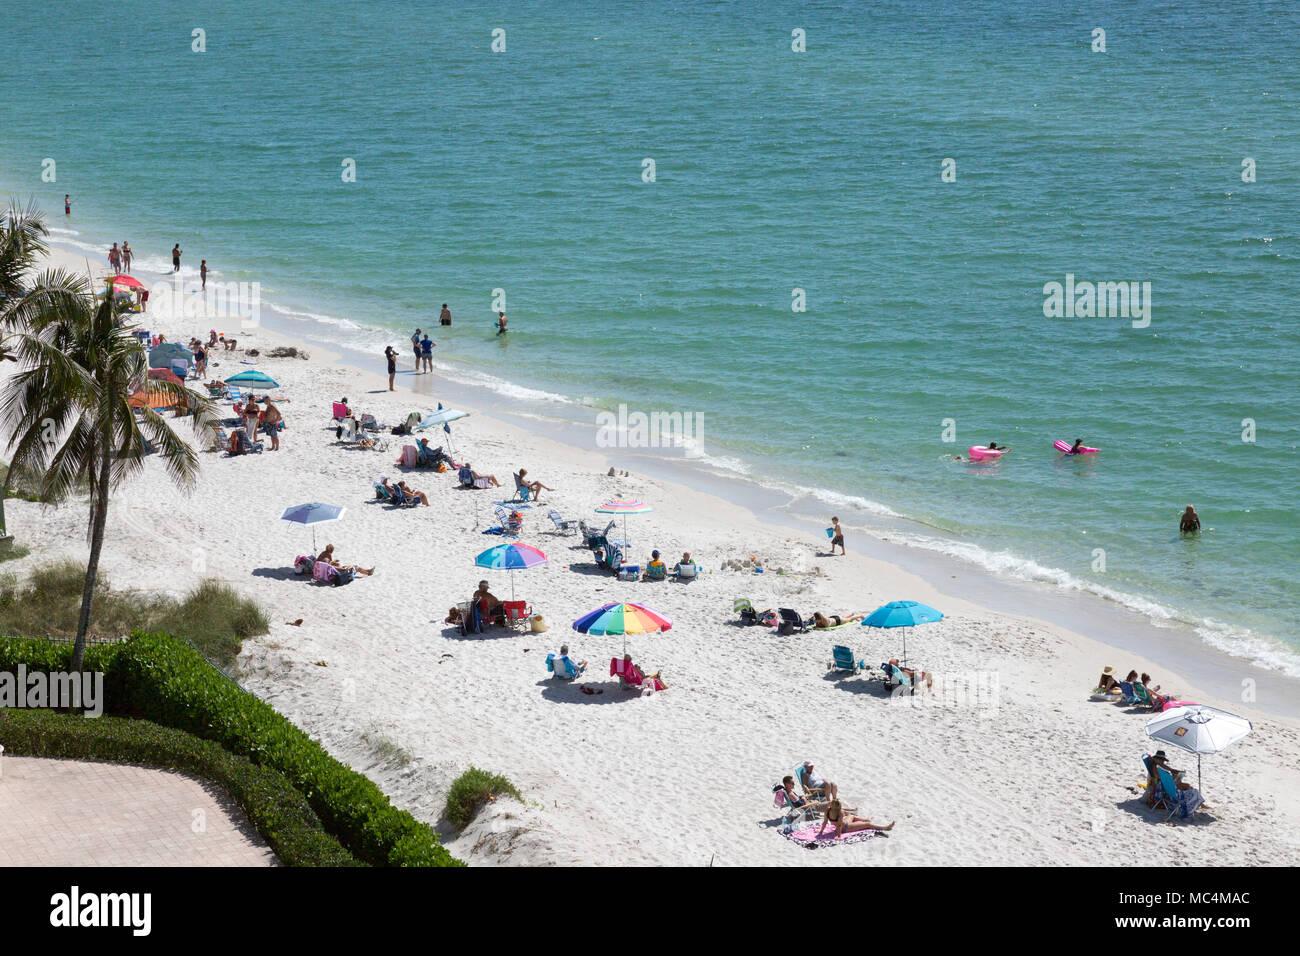 Ombrelloni Da Spiaggia Napoli.Vista Da Sopra Della Scena In Spiaggia Lungo La Costa Della